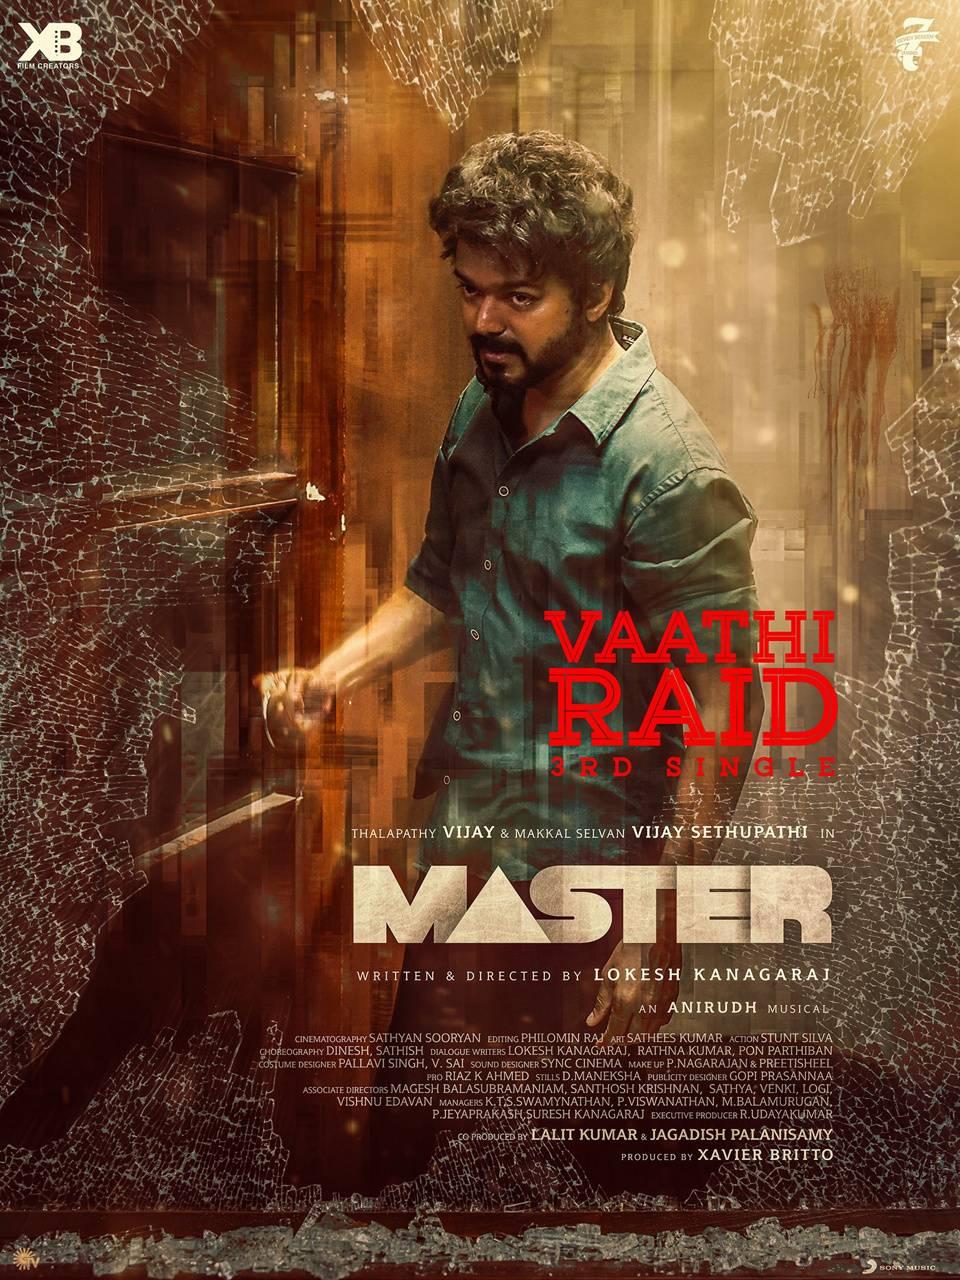 Master vaathi raid